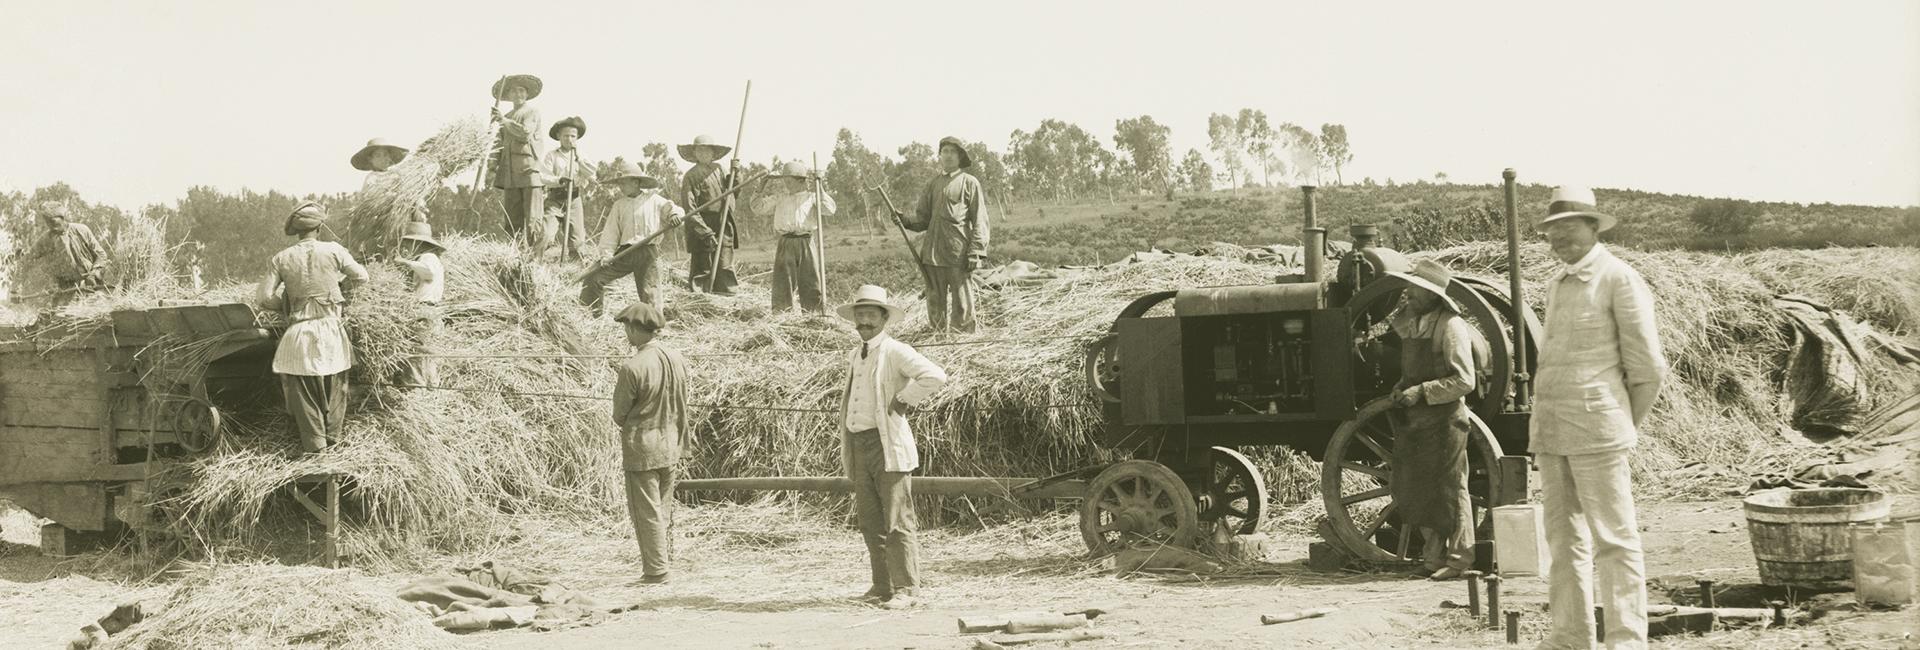 ארץ ישראל הישנה והטובה